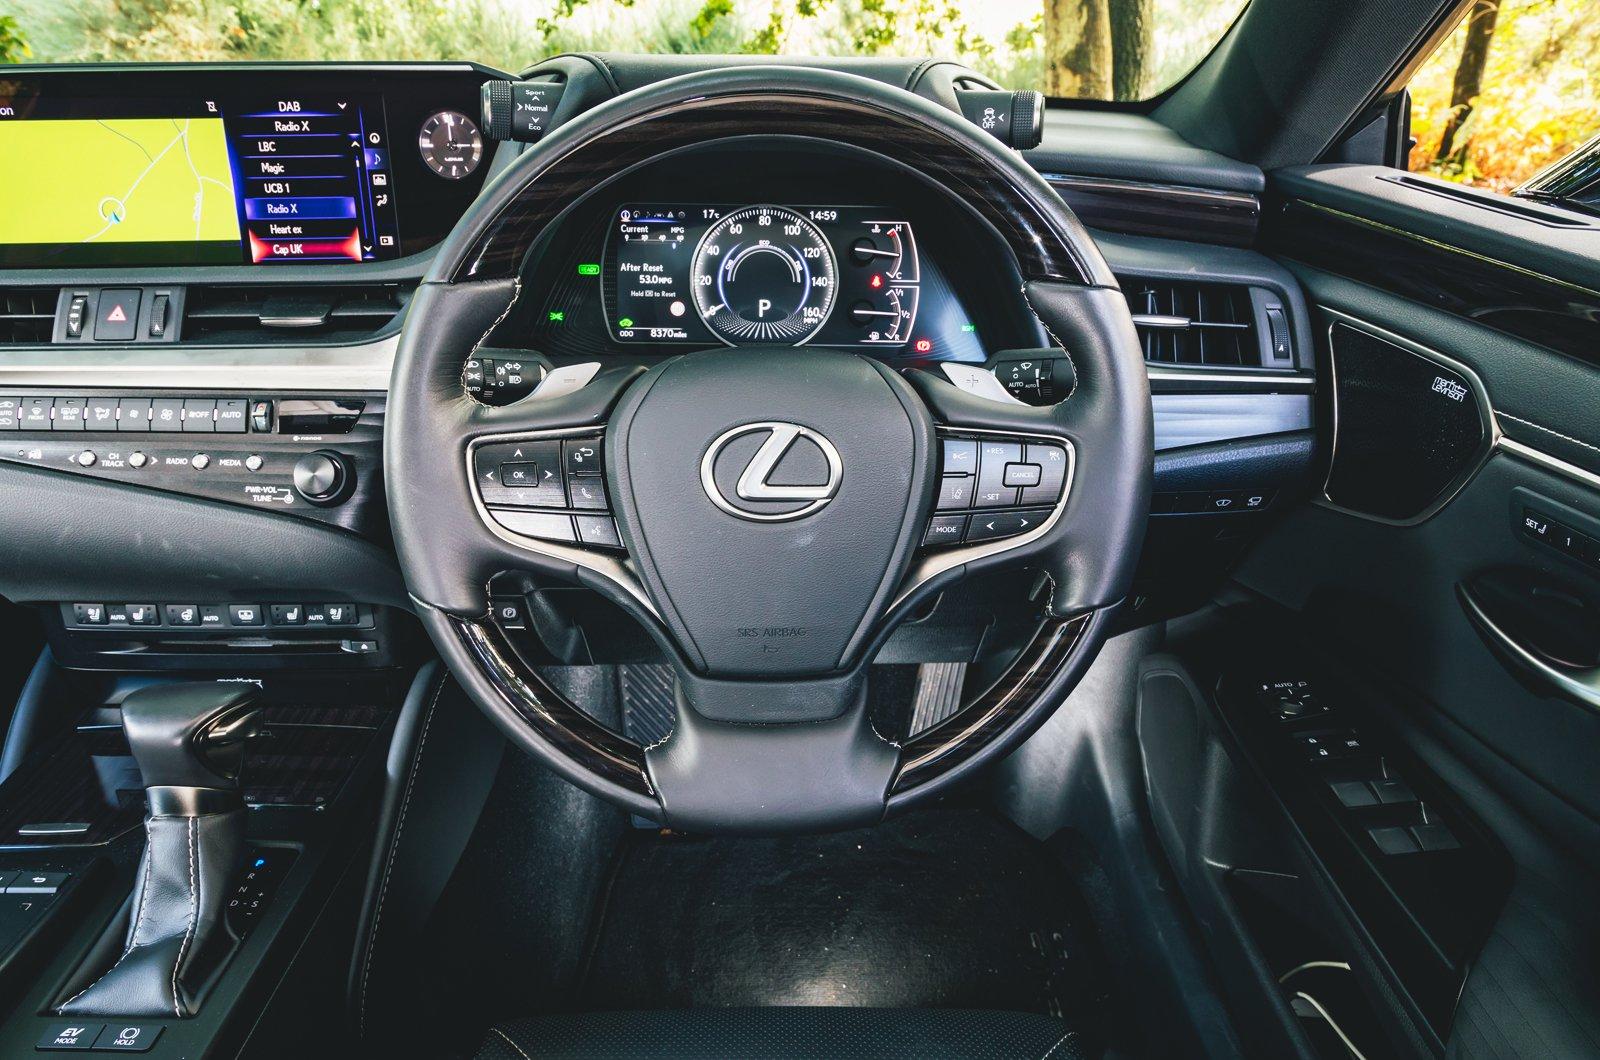 Lexus ES dashboard - 68 plate